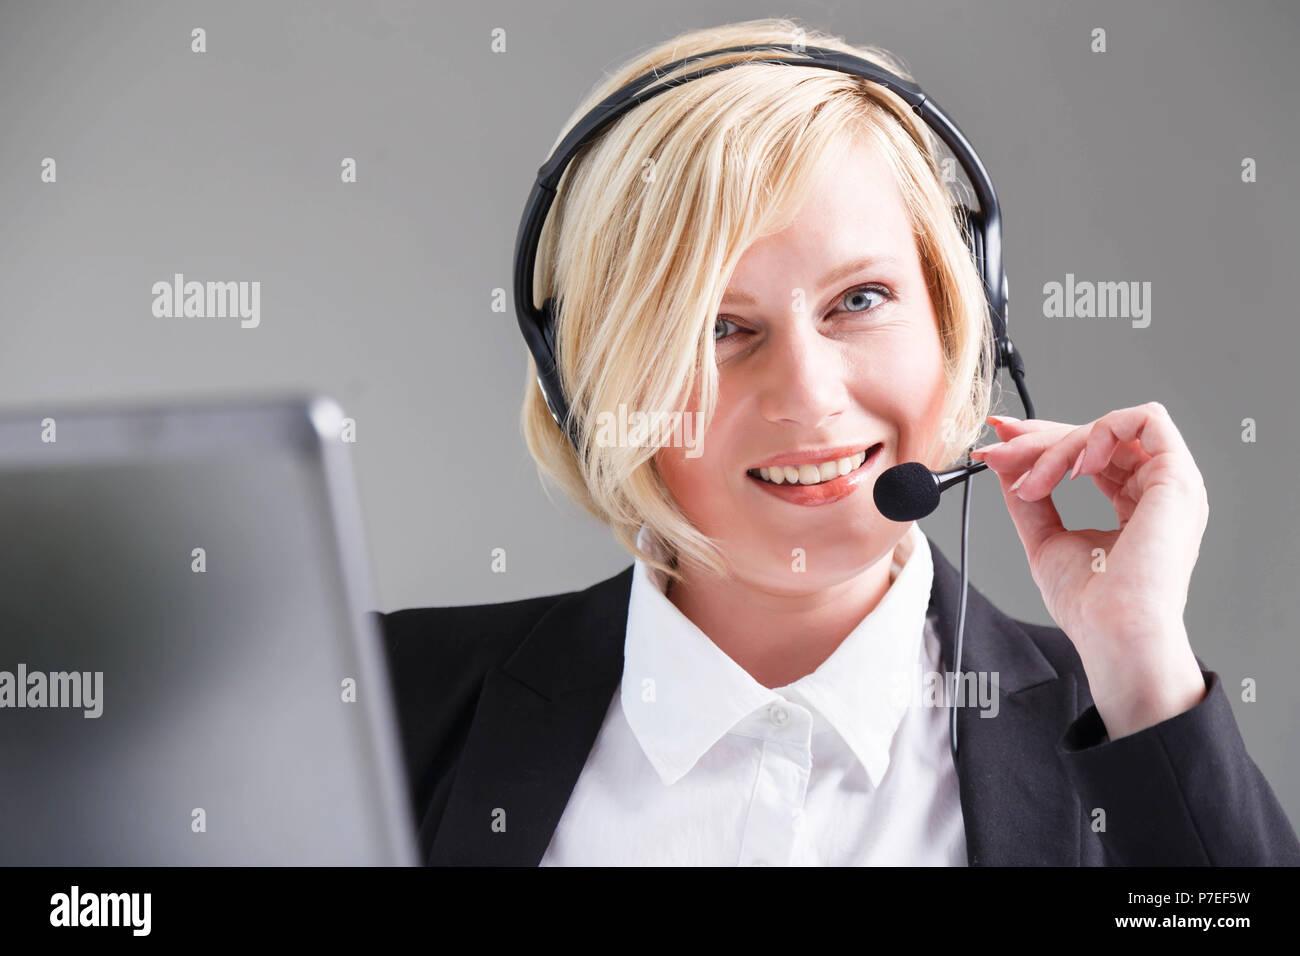 Mujer sonriente, operador de call center, vestida de negro, con traje elegante auriculares auriculares Imagen De Stock